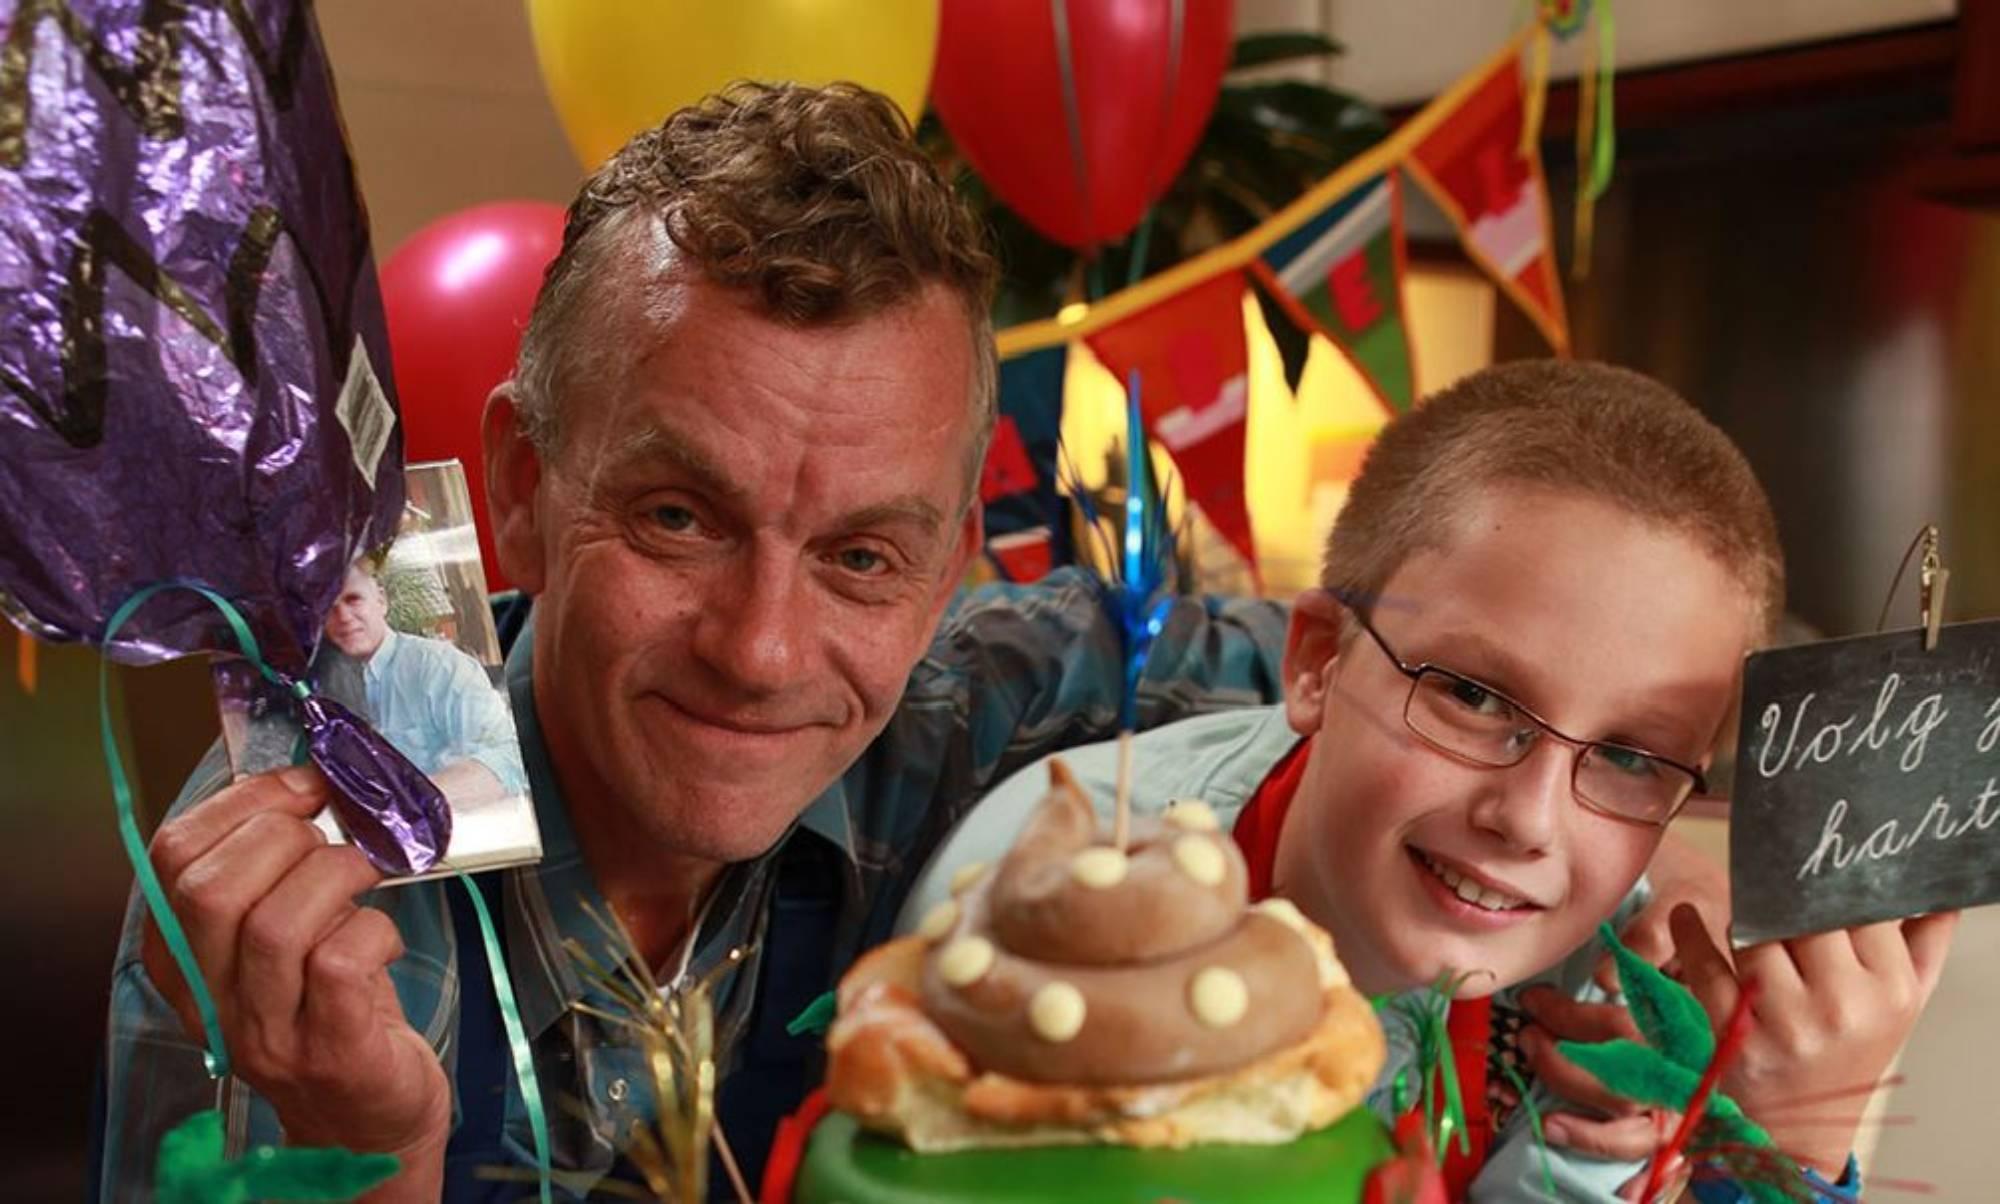 taart van abel Ziggy   Taarten van Abel   jeugd   VPRO taart van abel